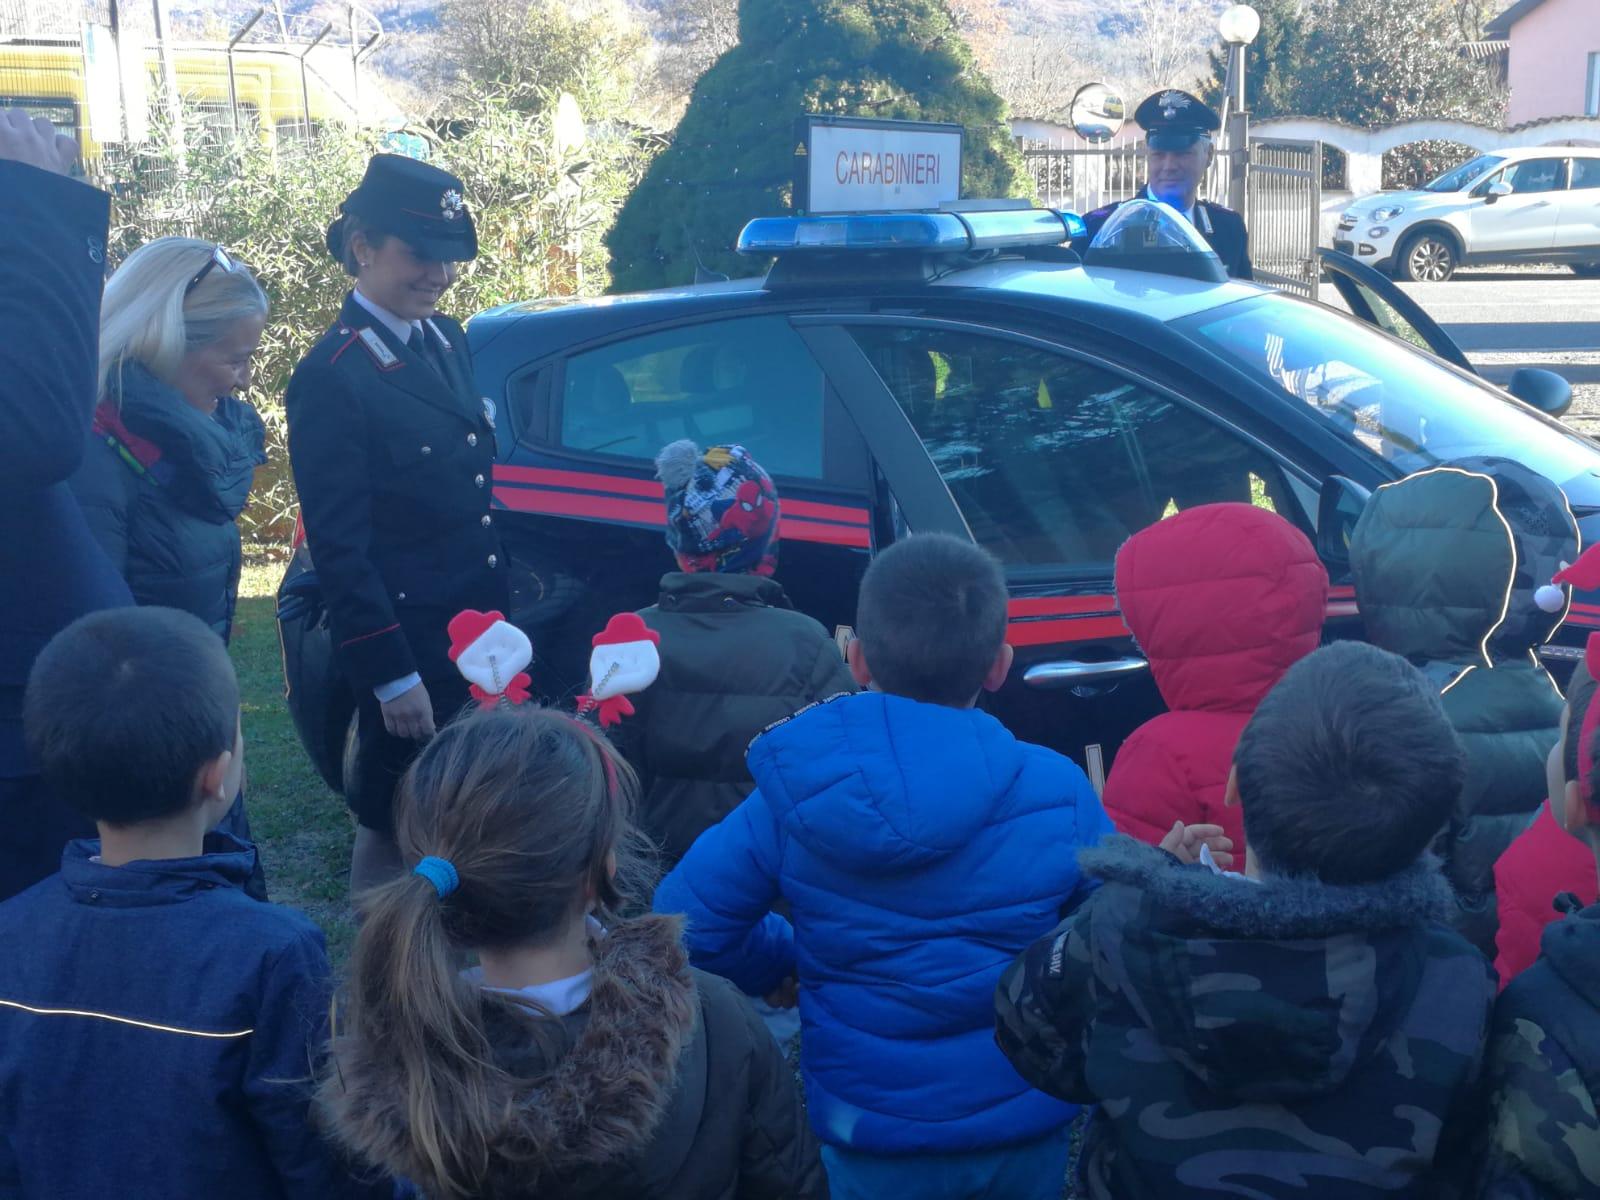 I bambini donano il presepe ai Carabinieri